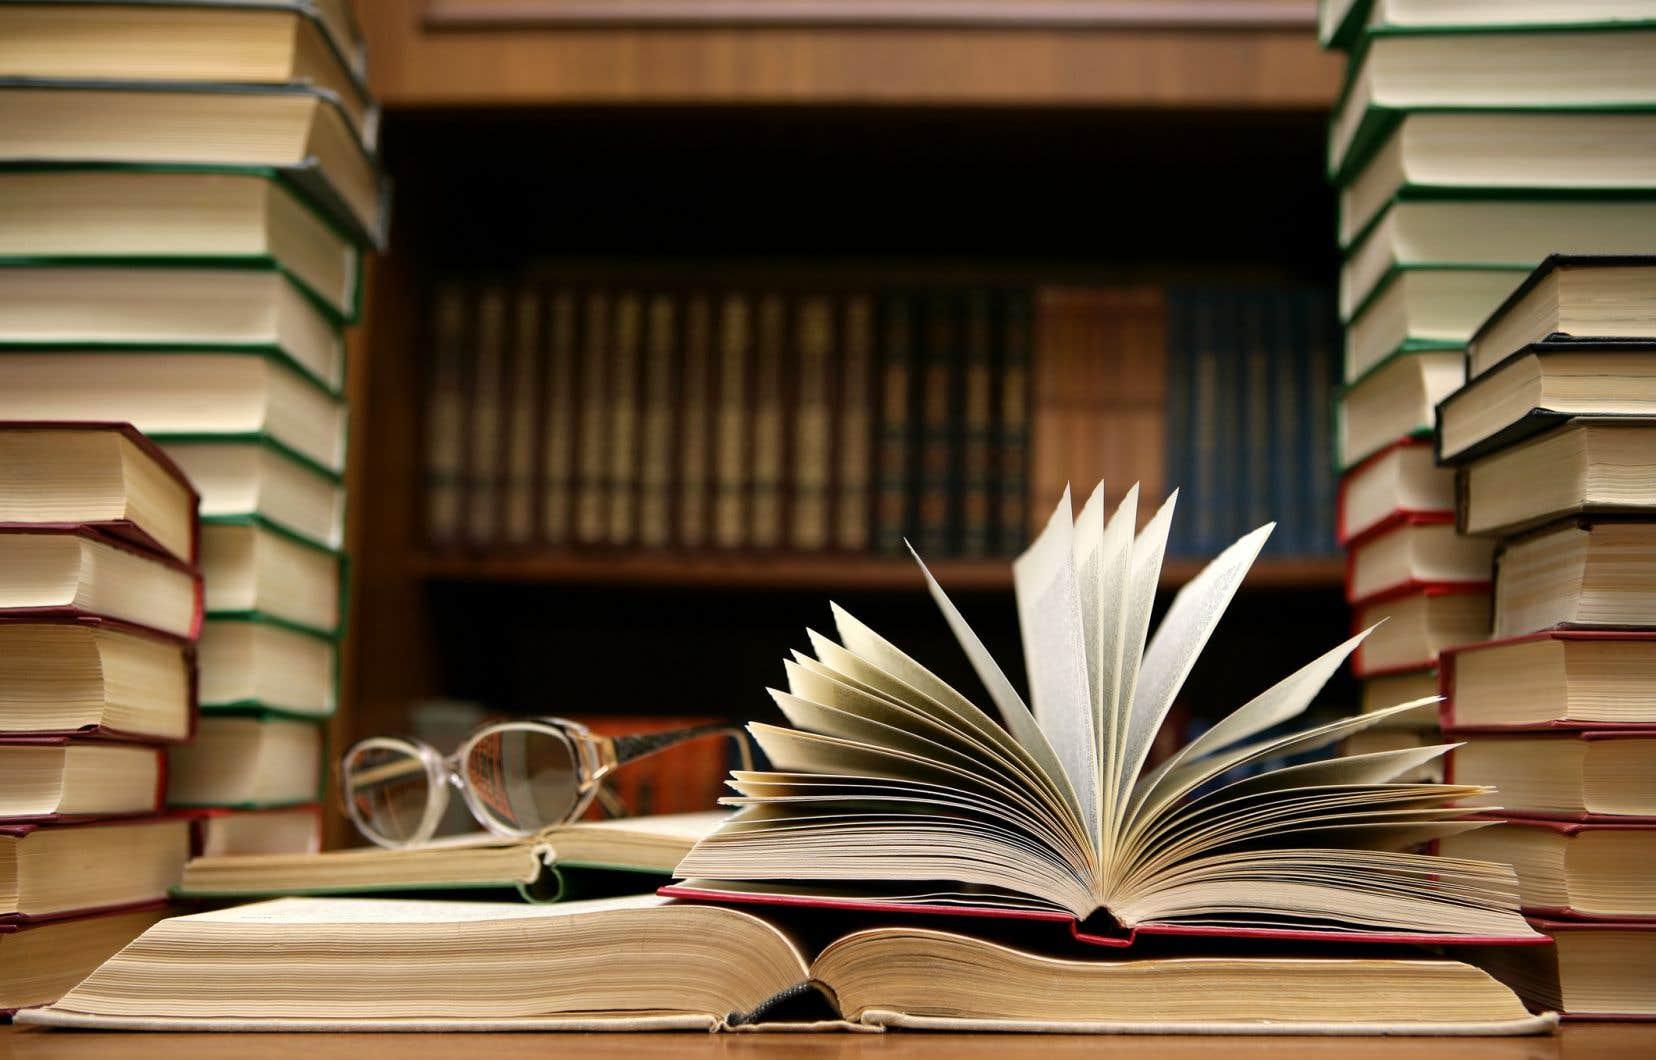 «Personne ne peut déterminer quel type de littérature a le droit ou pas d'exister», estime l'auteure.